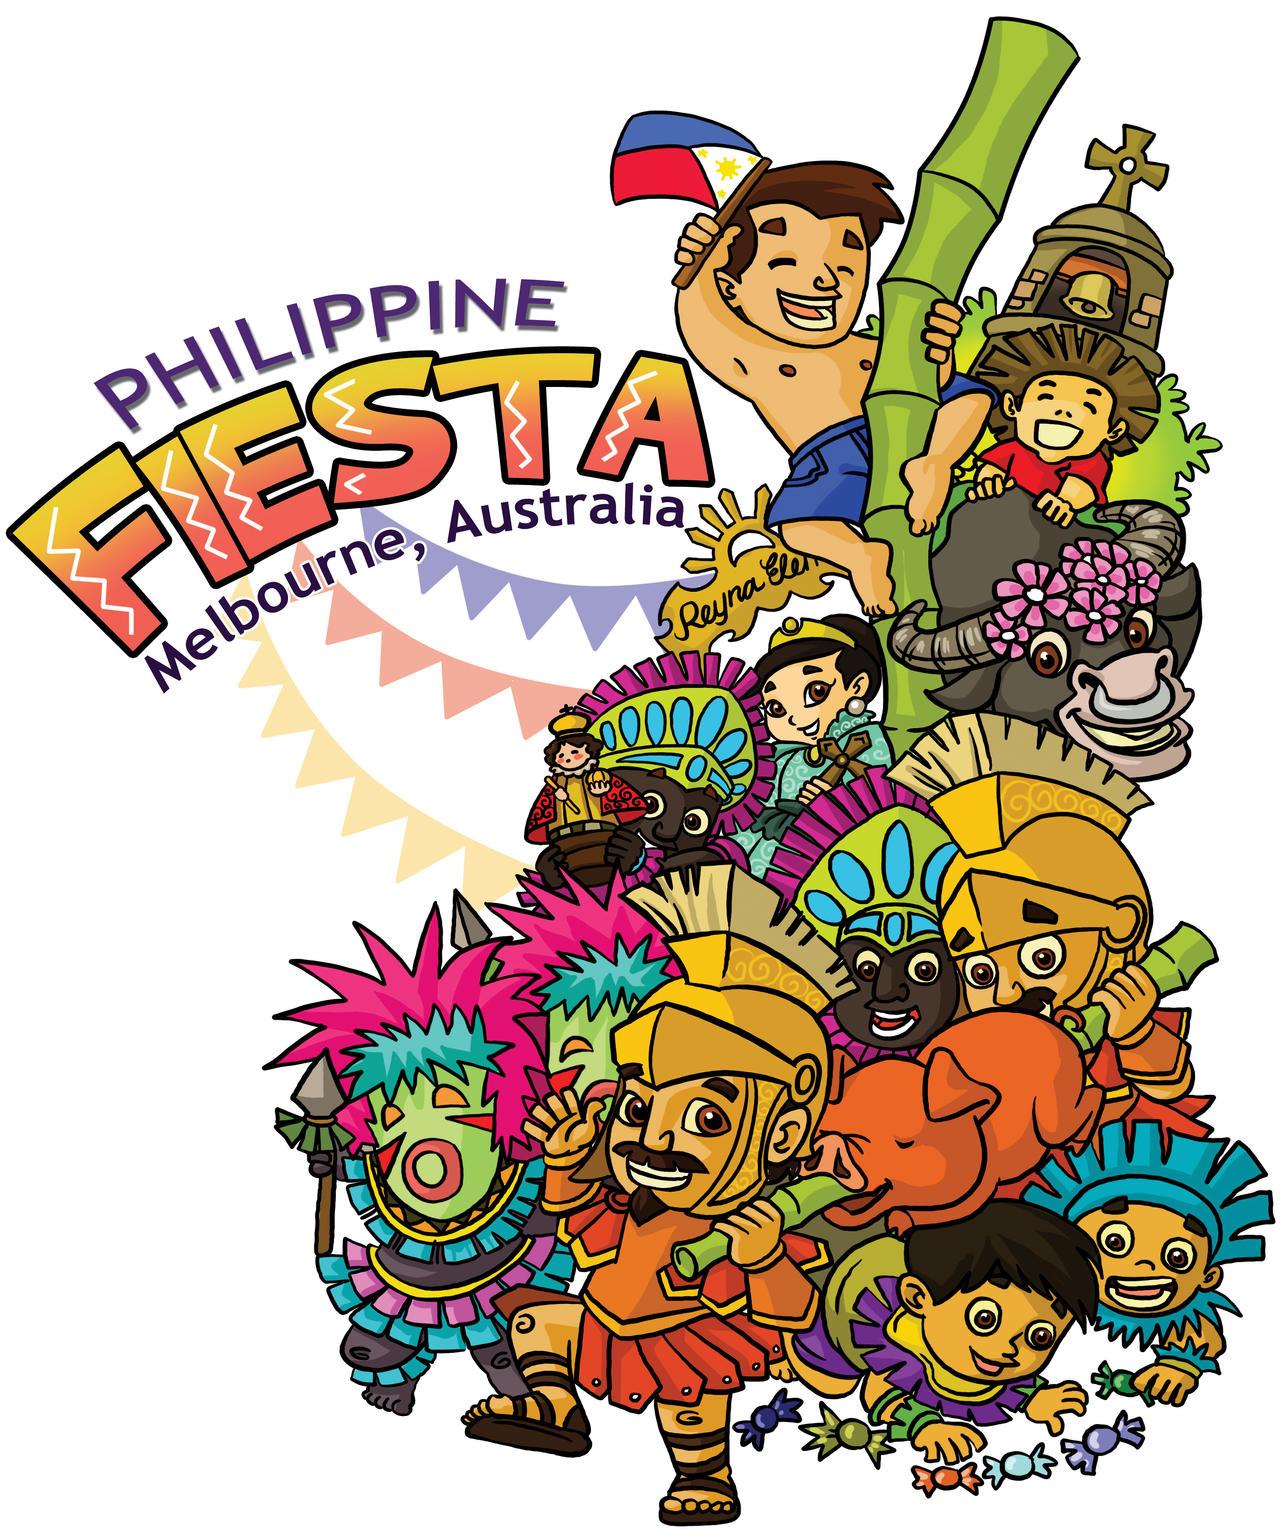 filipino culture wallpaper - photo #23